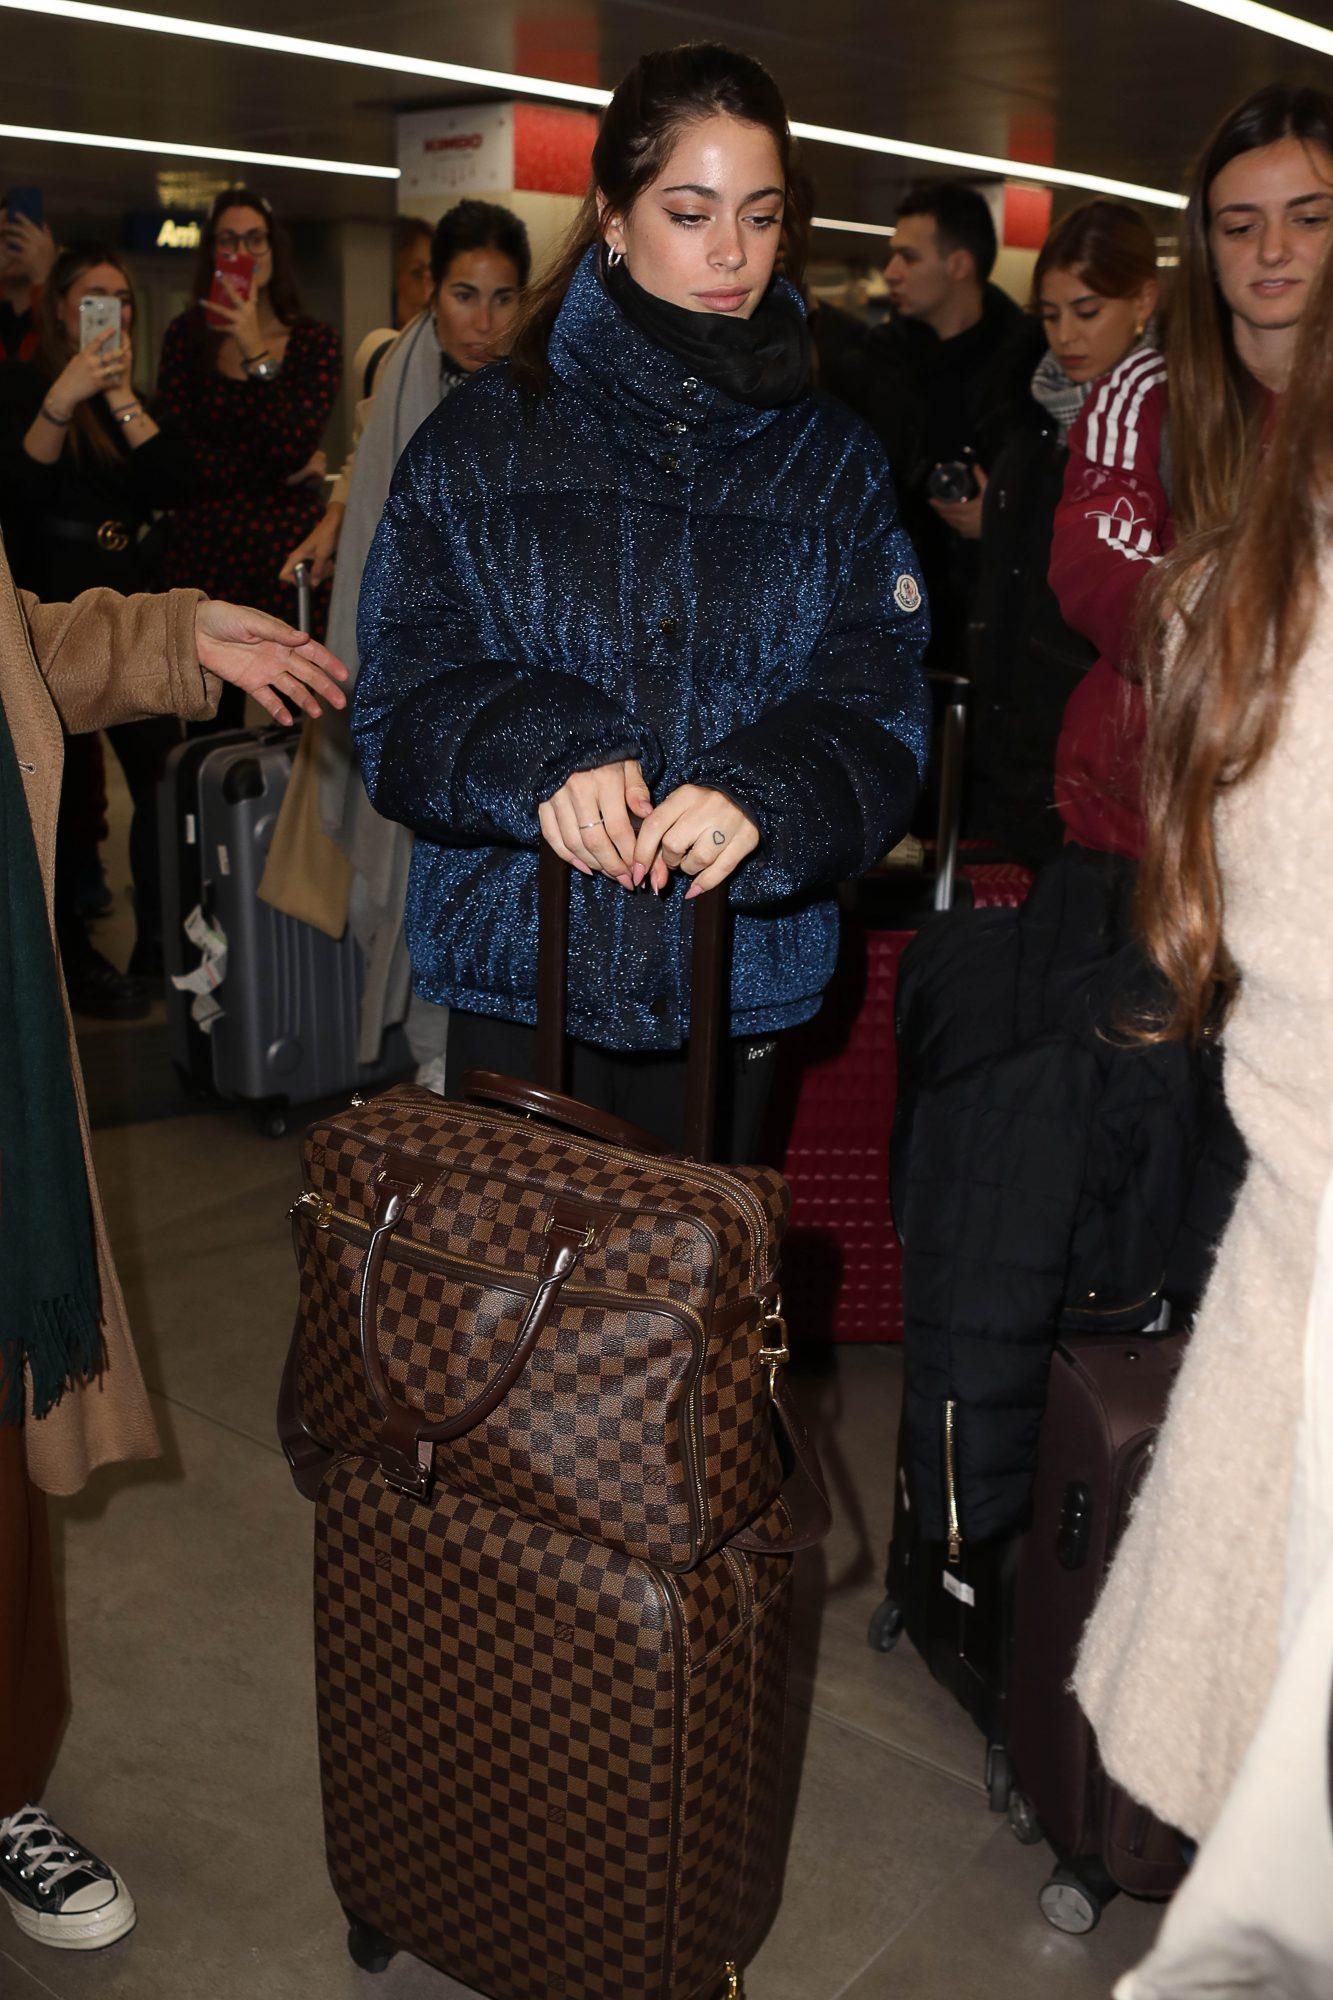 En cuanto a bolsos y maletas se refiere es fiel a las maisons de moda francesa más clásicas, como Louis Vuitton y Chanel.